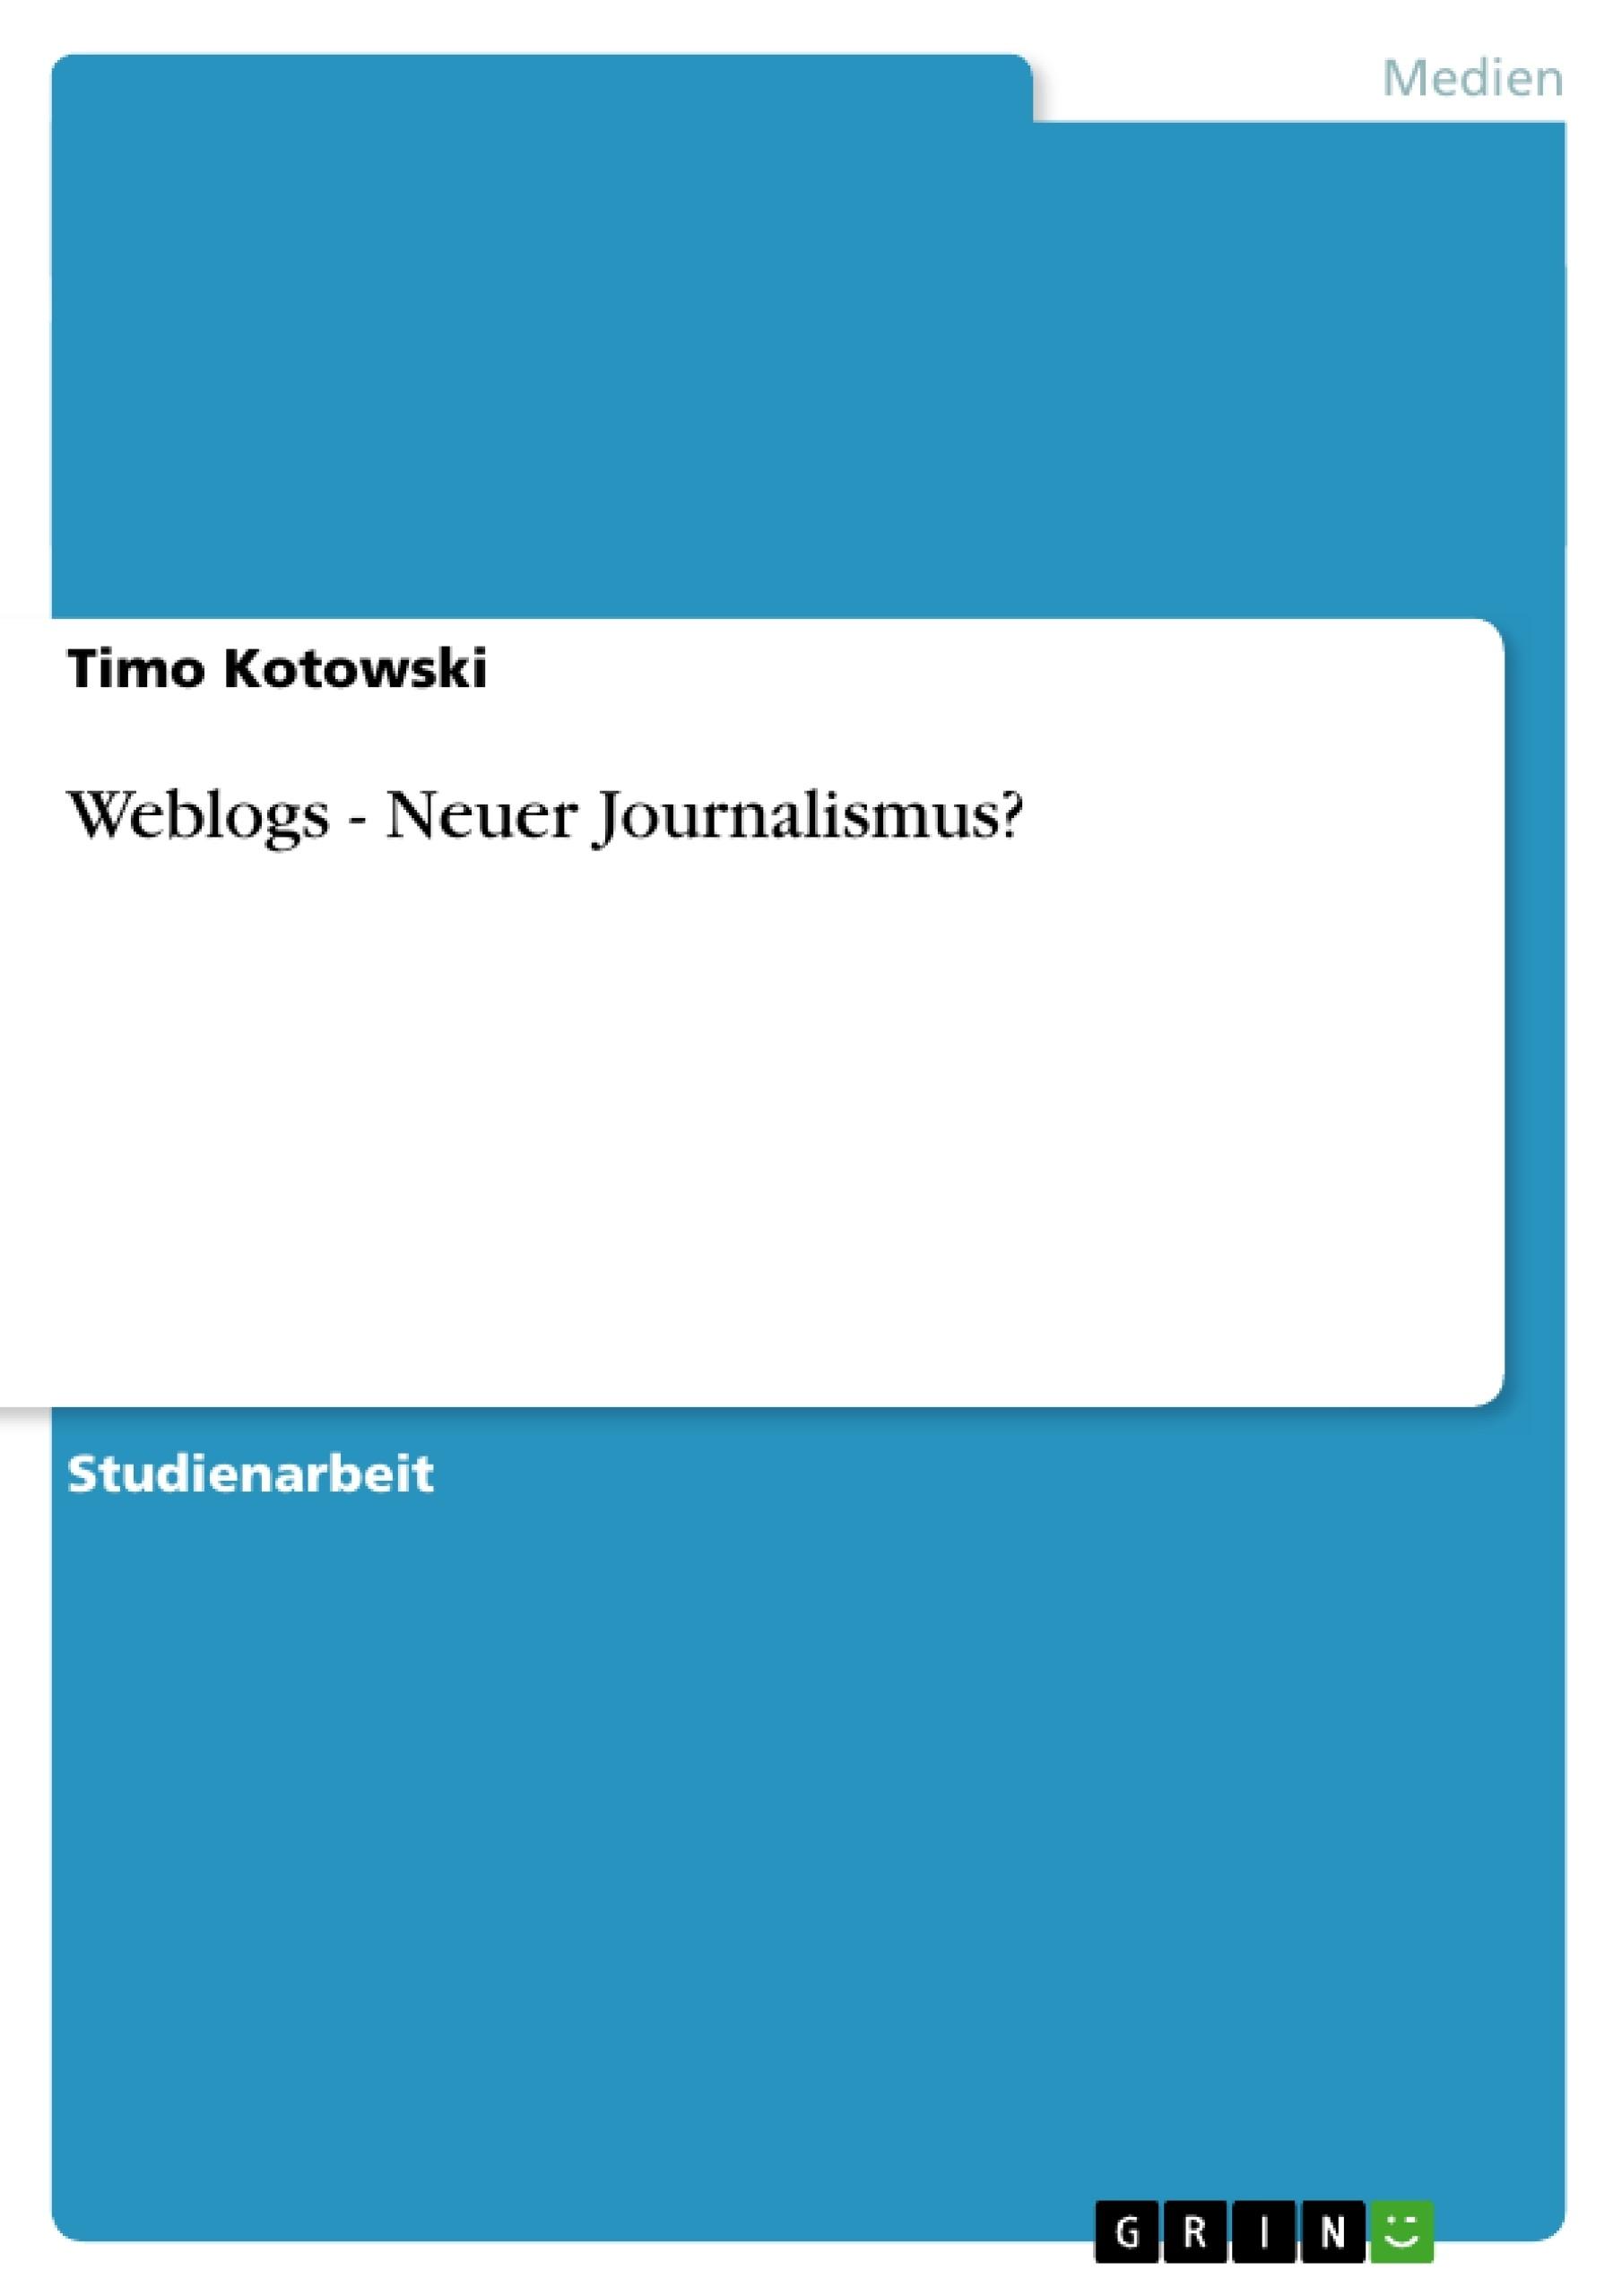 Titel: Weblogs - Neuer Journalismus?